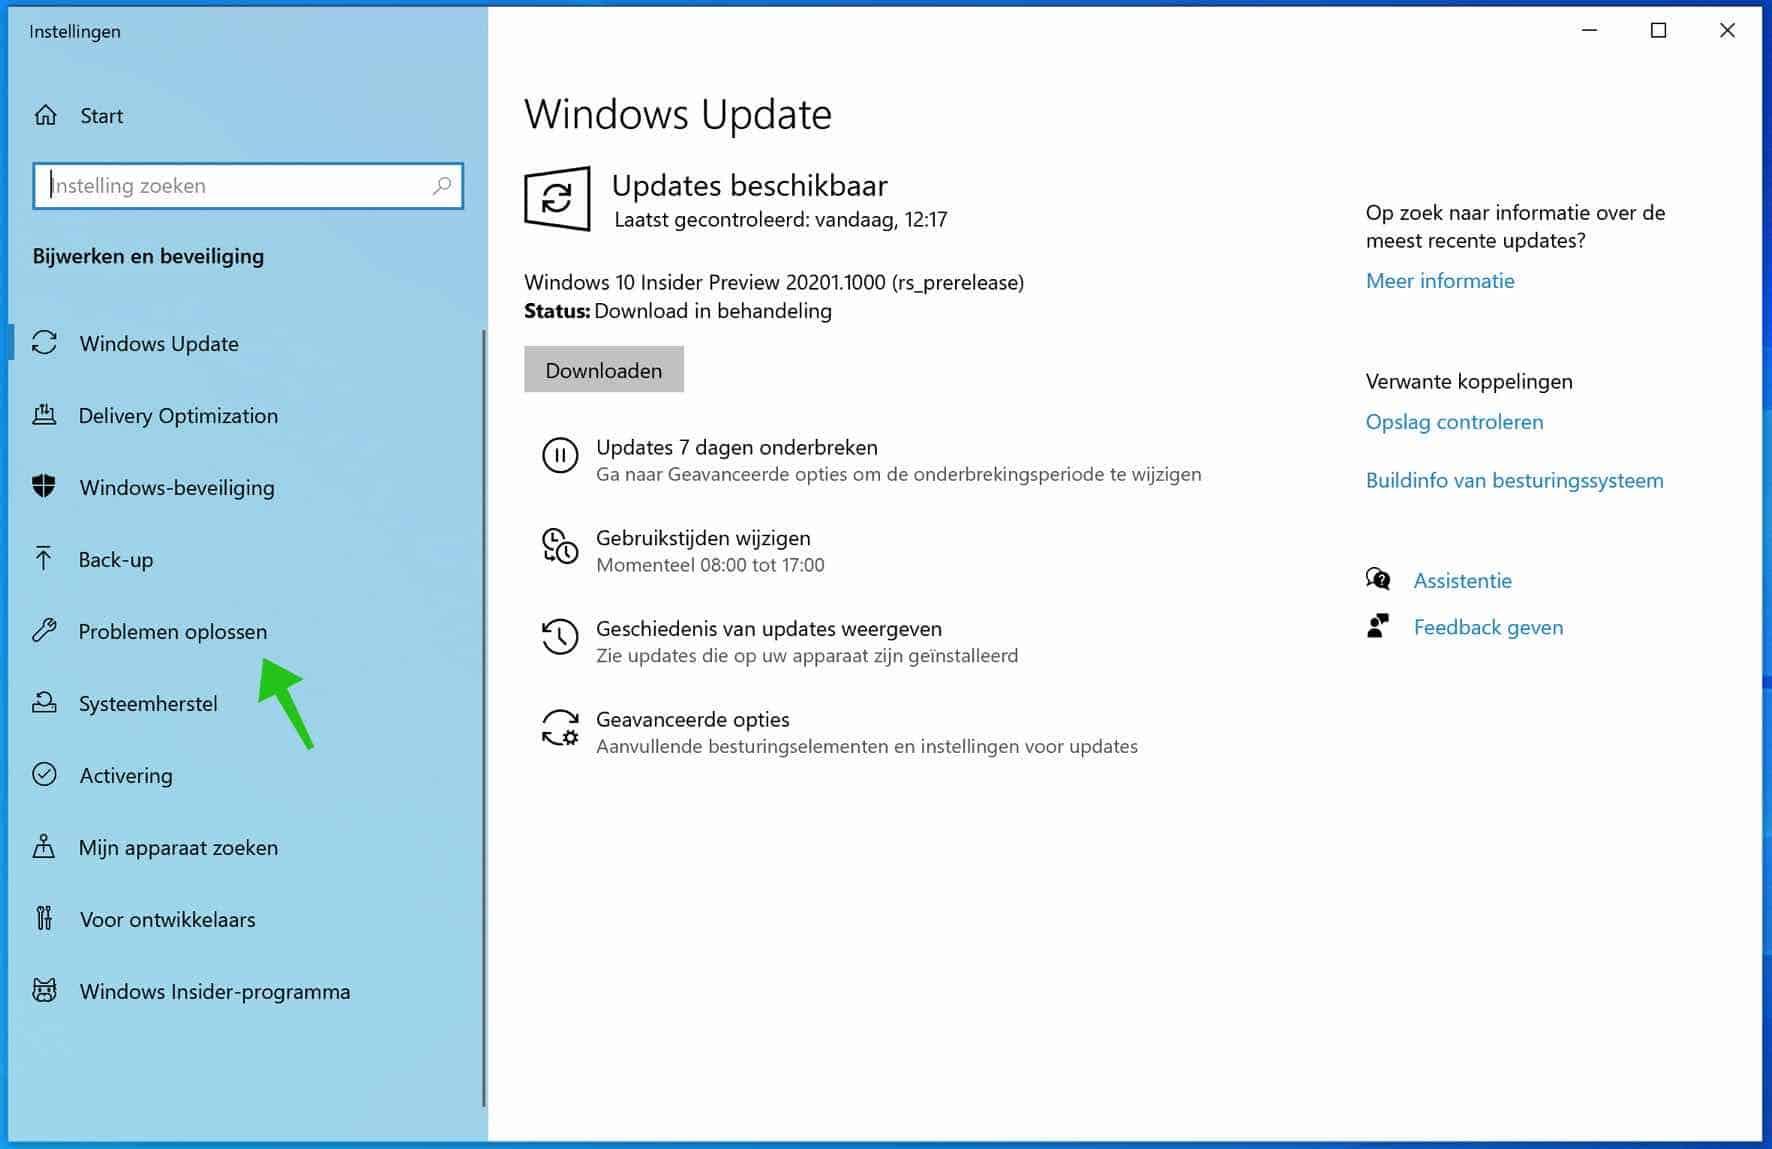 windows update problemen oplossen